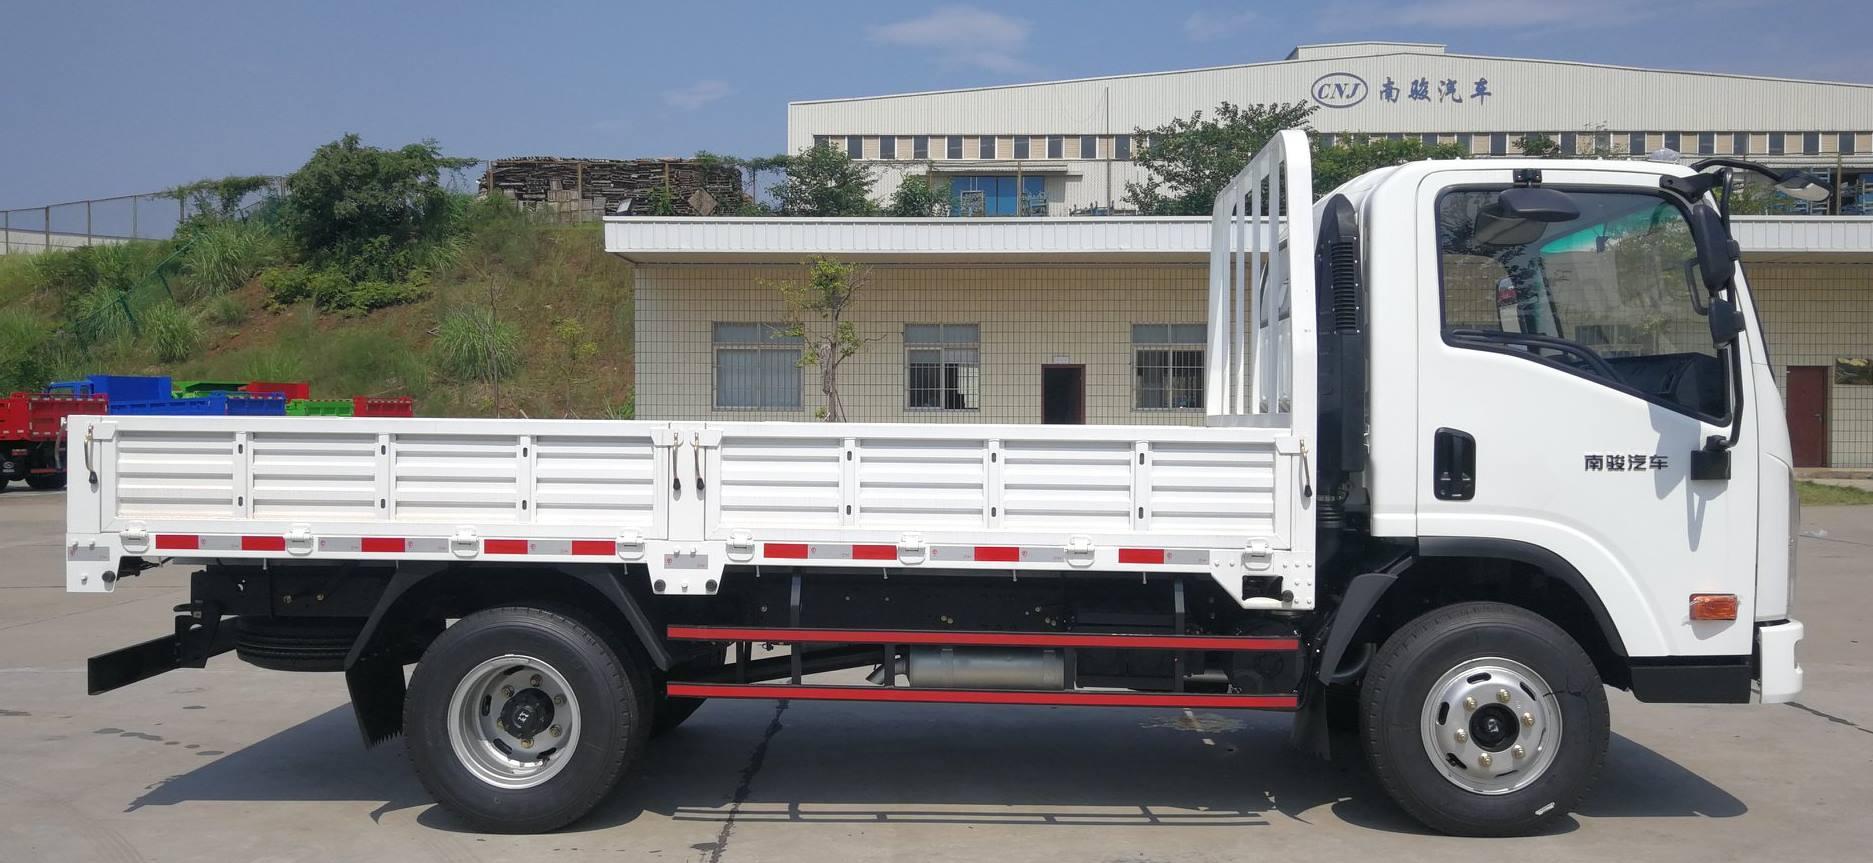 Lichte-trucks--alleenstaande-cabine--een-en-halve-cabine--dubbele-cabine-diesel-motoren-van-80-pk-tot-160-4-ton-tot-12-ton-pk23